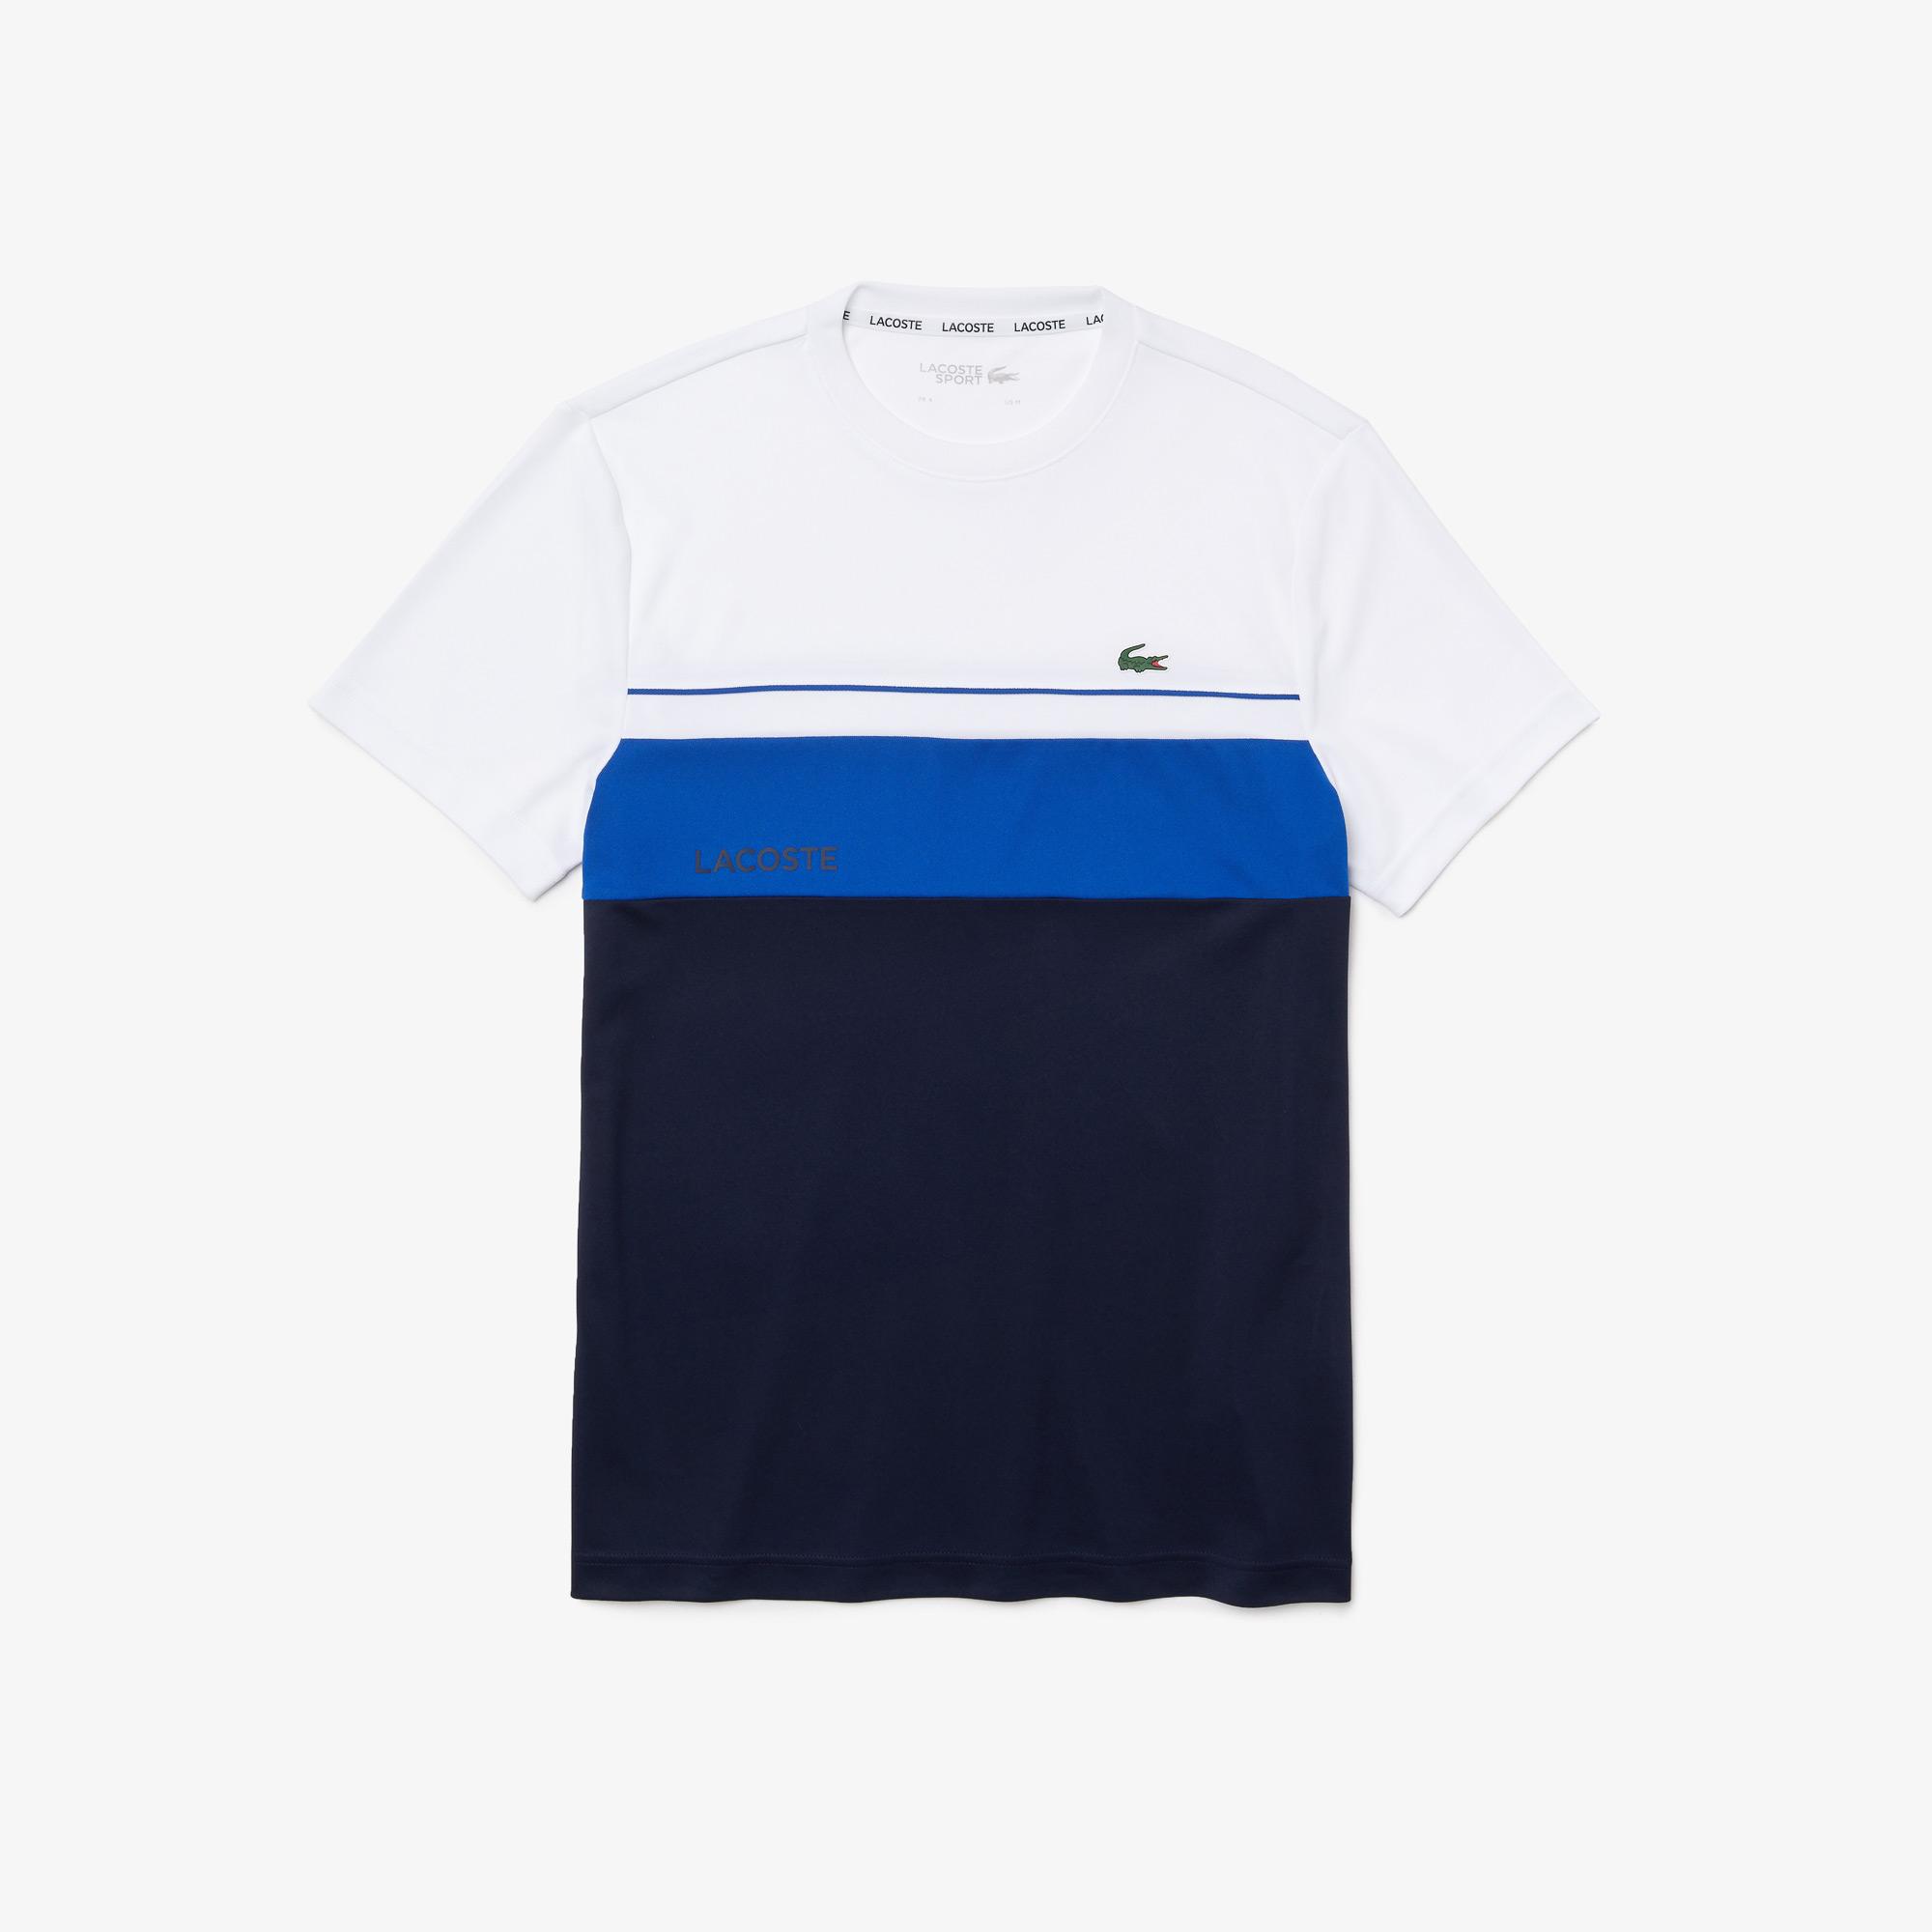 Lacoste SPORT Męski oddychający T-shirt z okrągłym dekoltem w bloki kolorystyczne